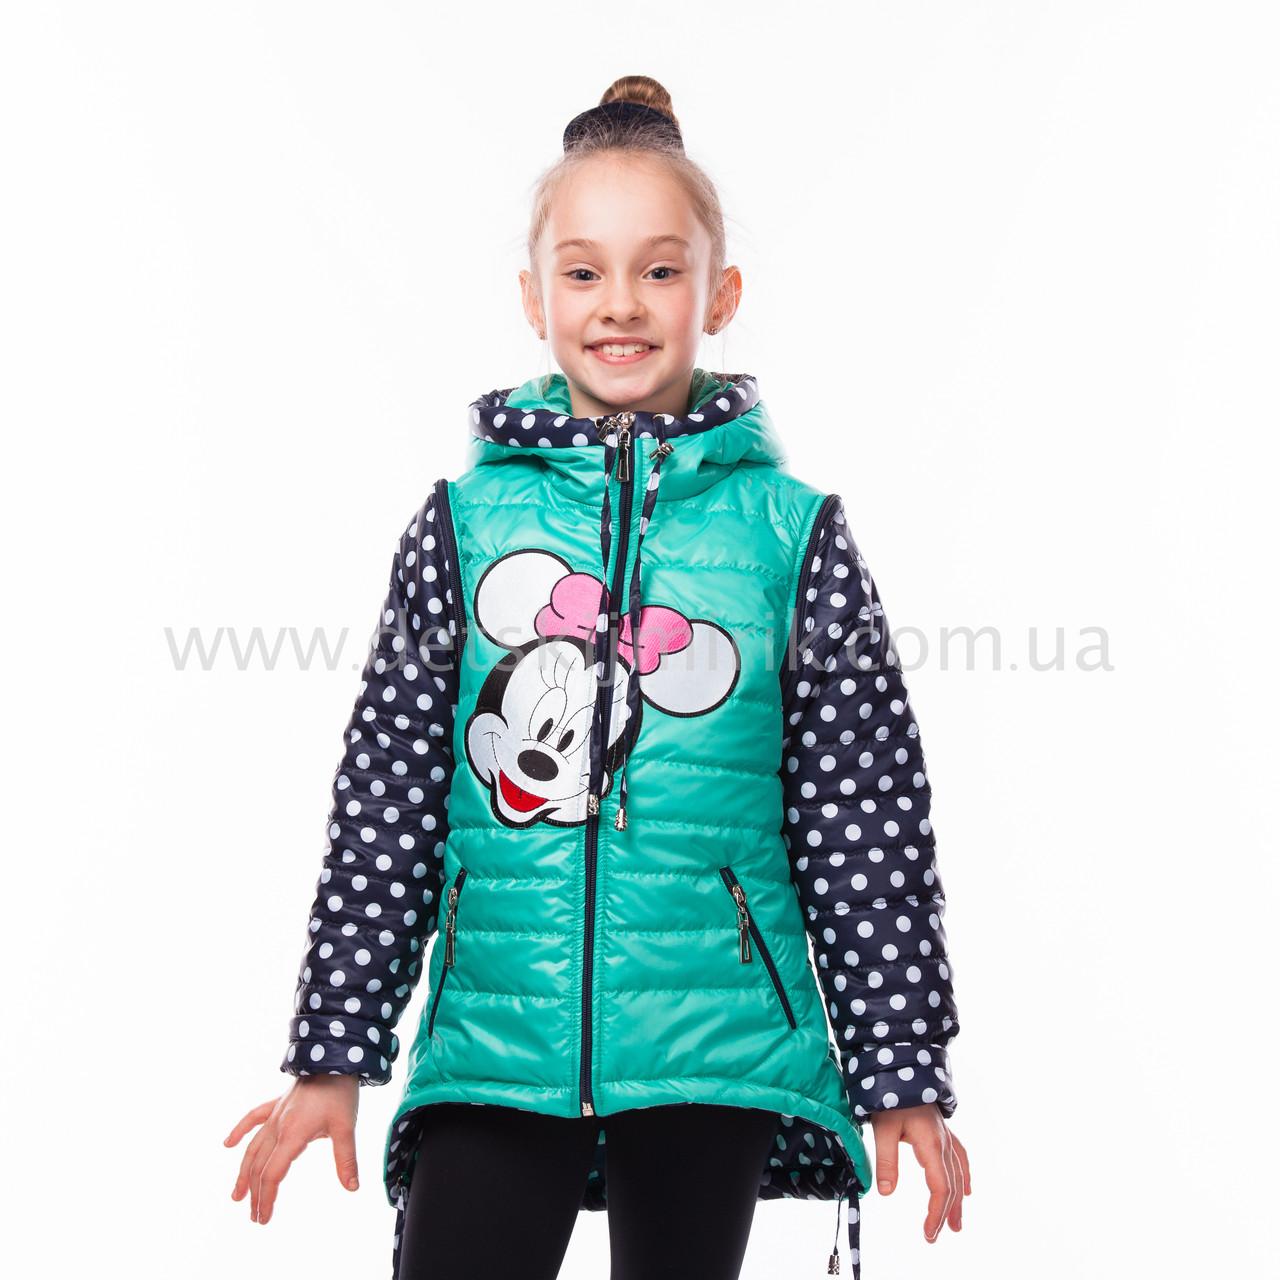 9ebc5f82348d7 Детская куртка- трансформер